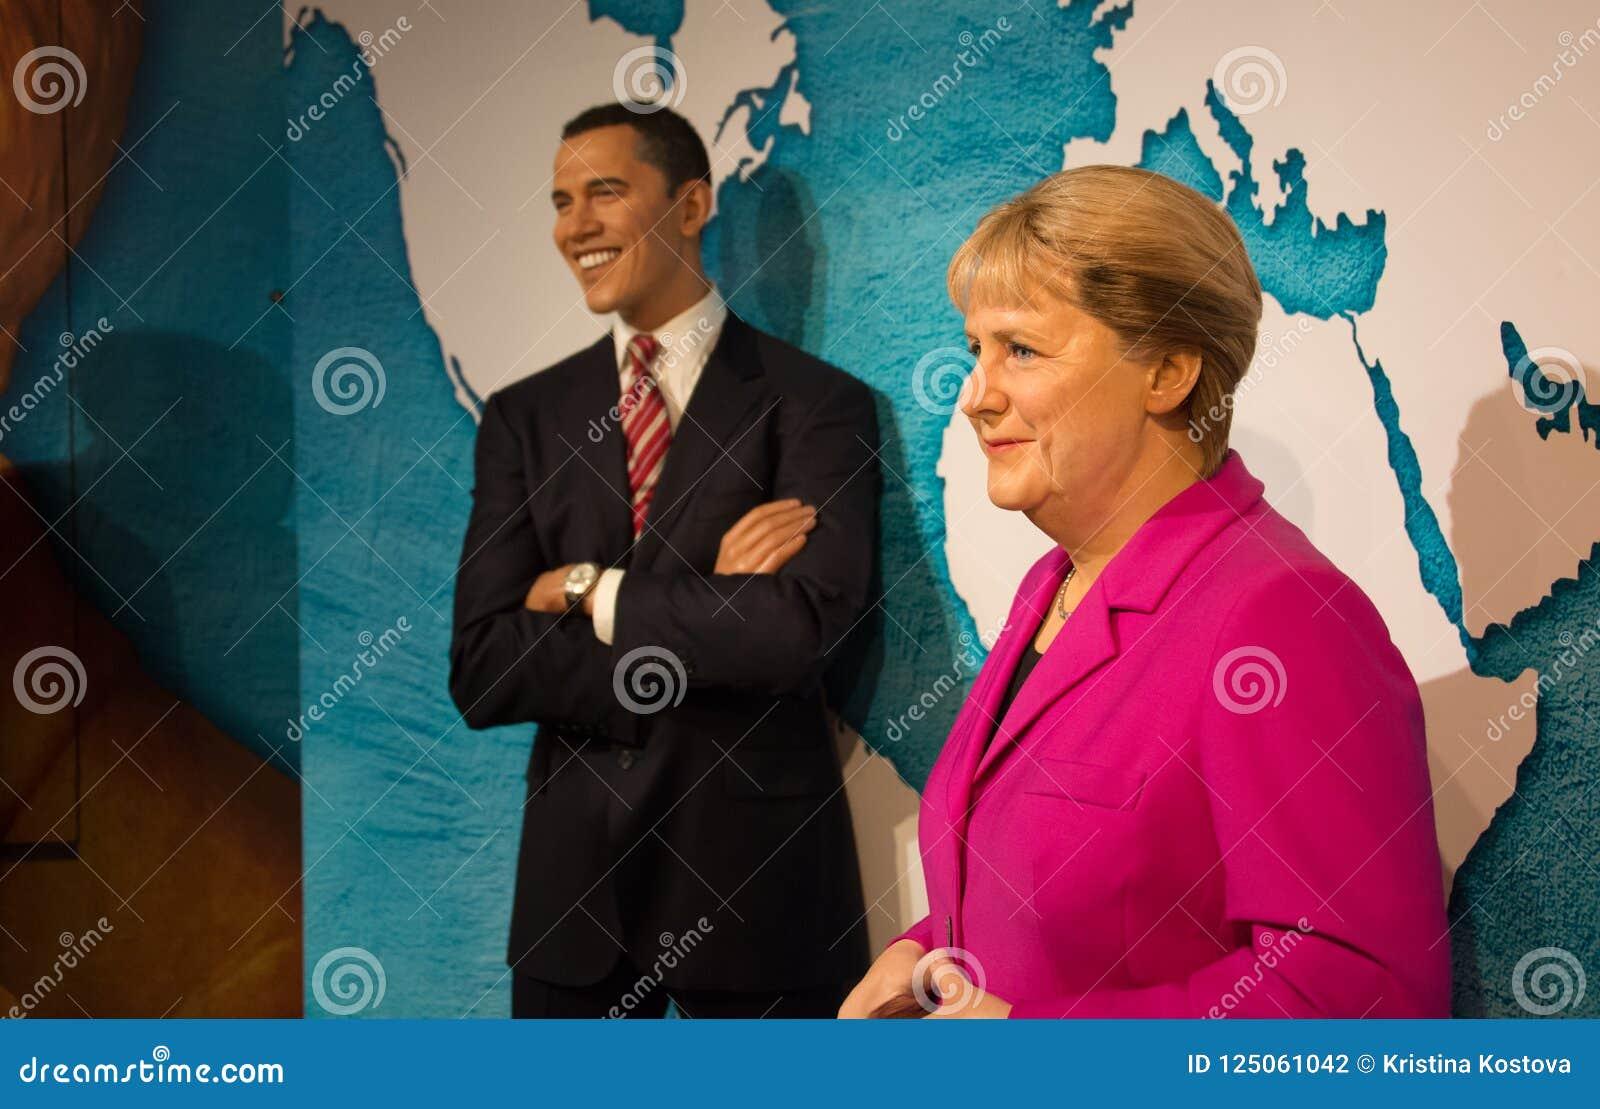 Barack Obama y Angela Merkel en el museo de señora Tussauds